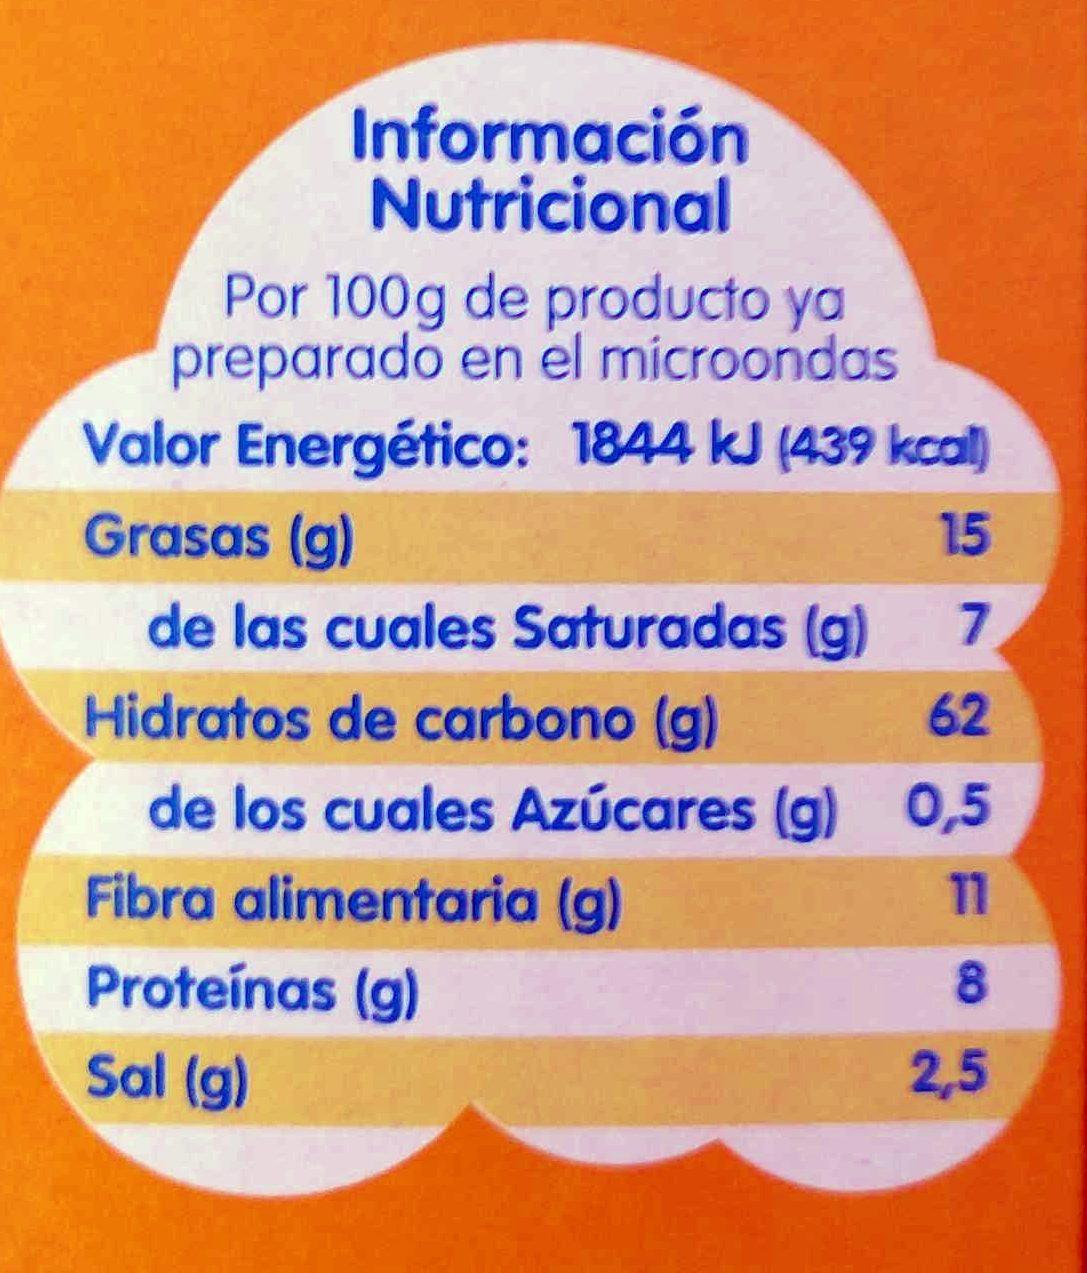 Sabor natural con sal palomitas para microondas pack 3x100 g estuche 300 g - Información nutricional